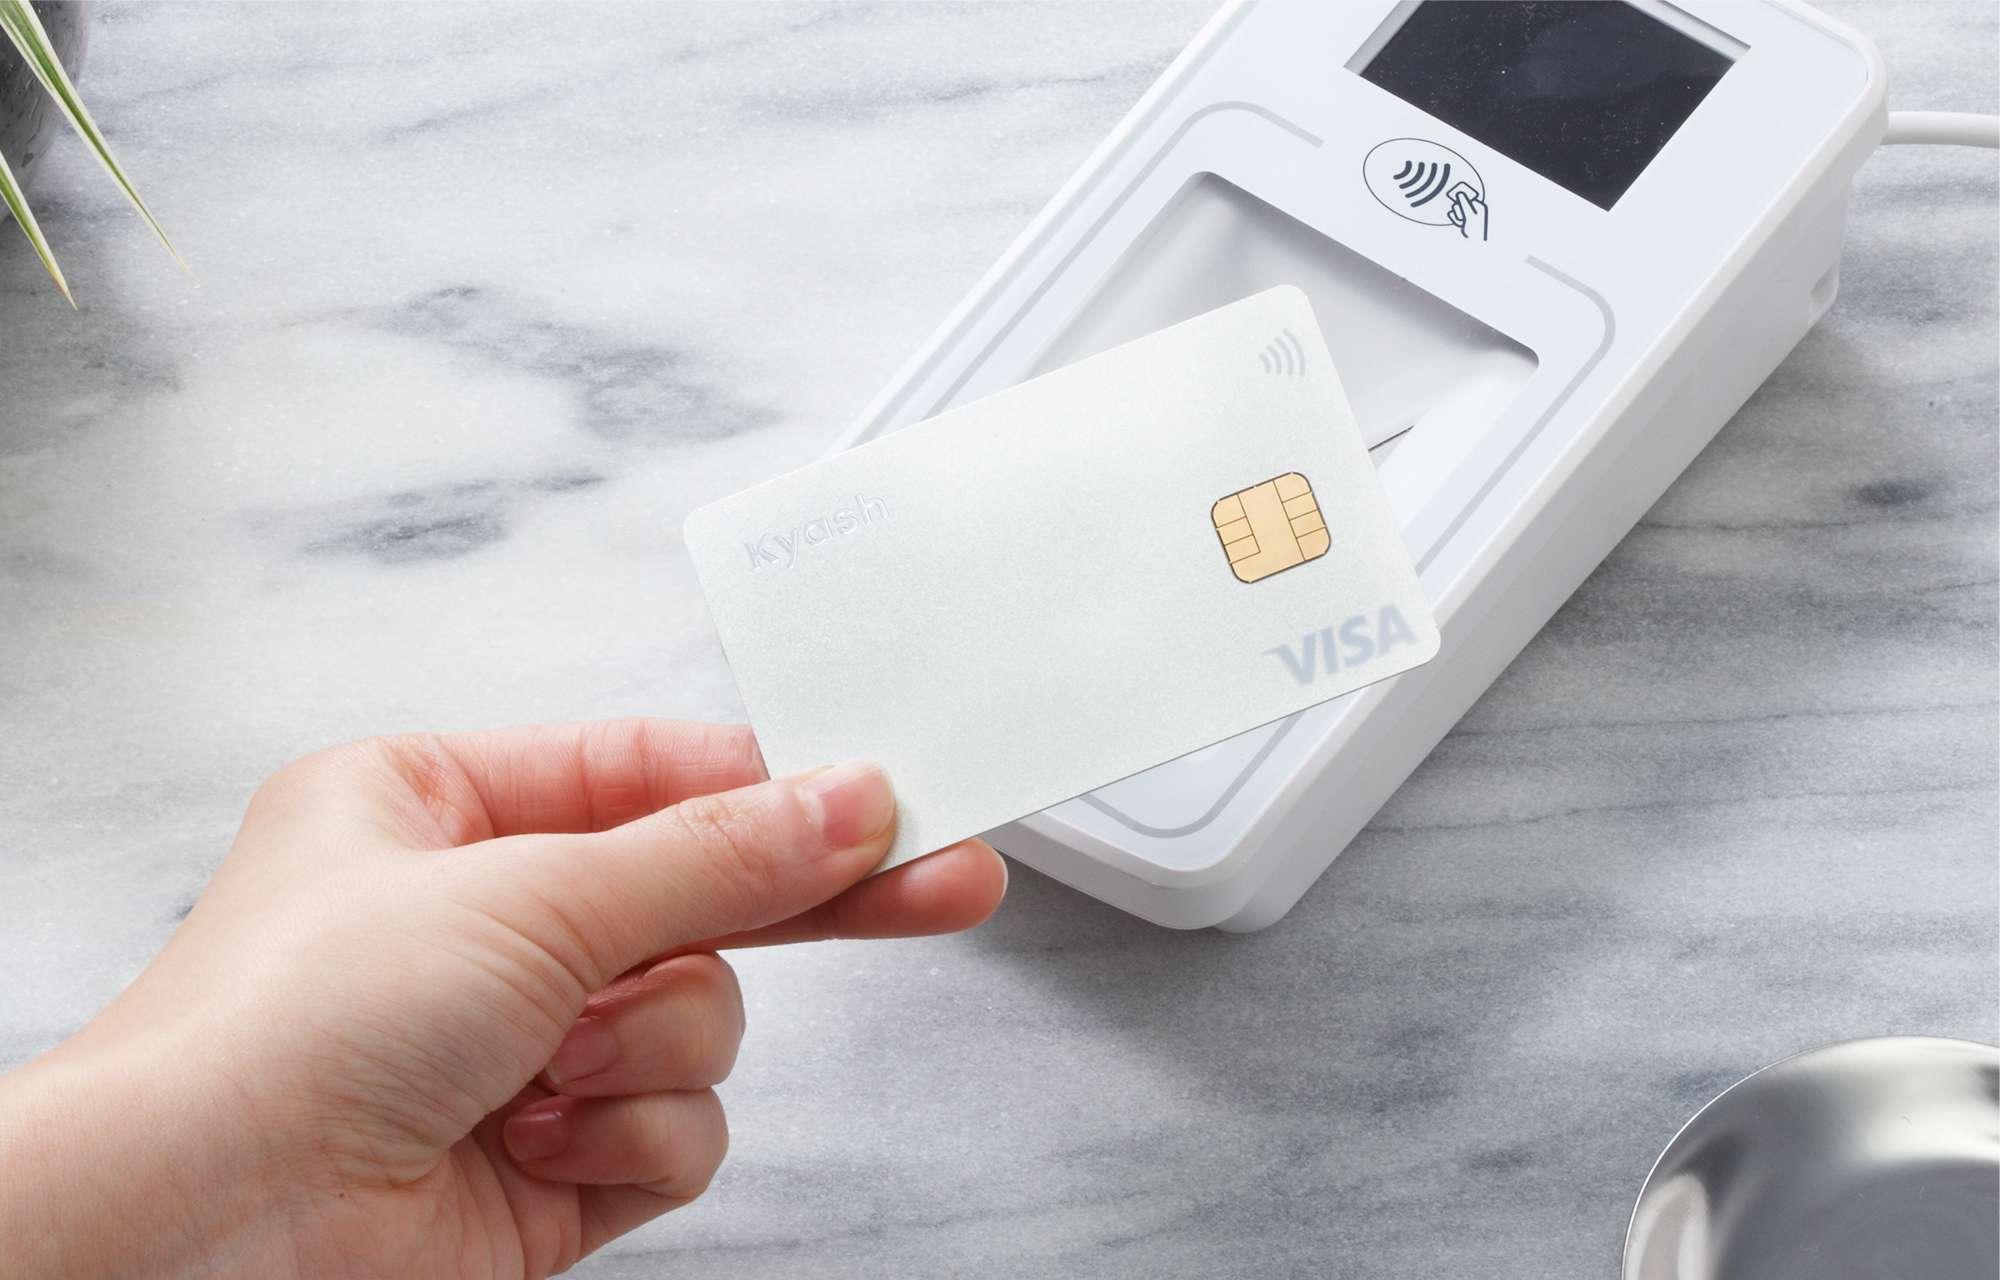 Kyash CardをかざしてVisaのタッチ決済 もっとスピーディーなお支払